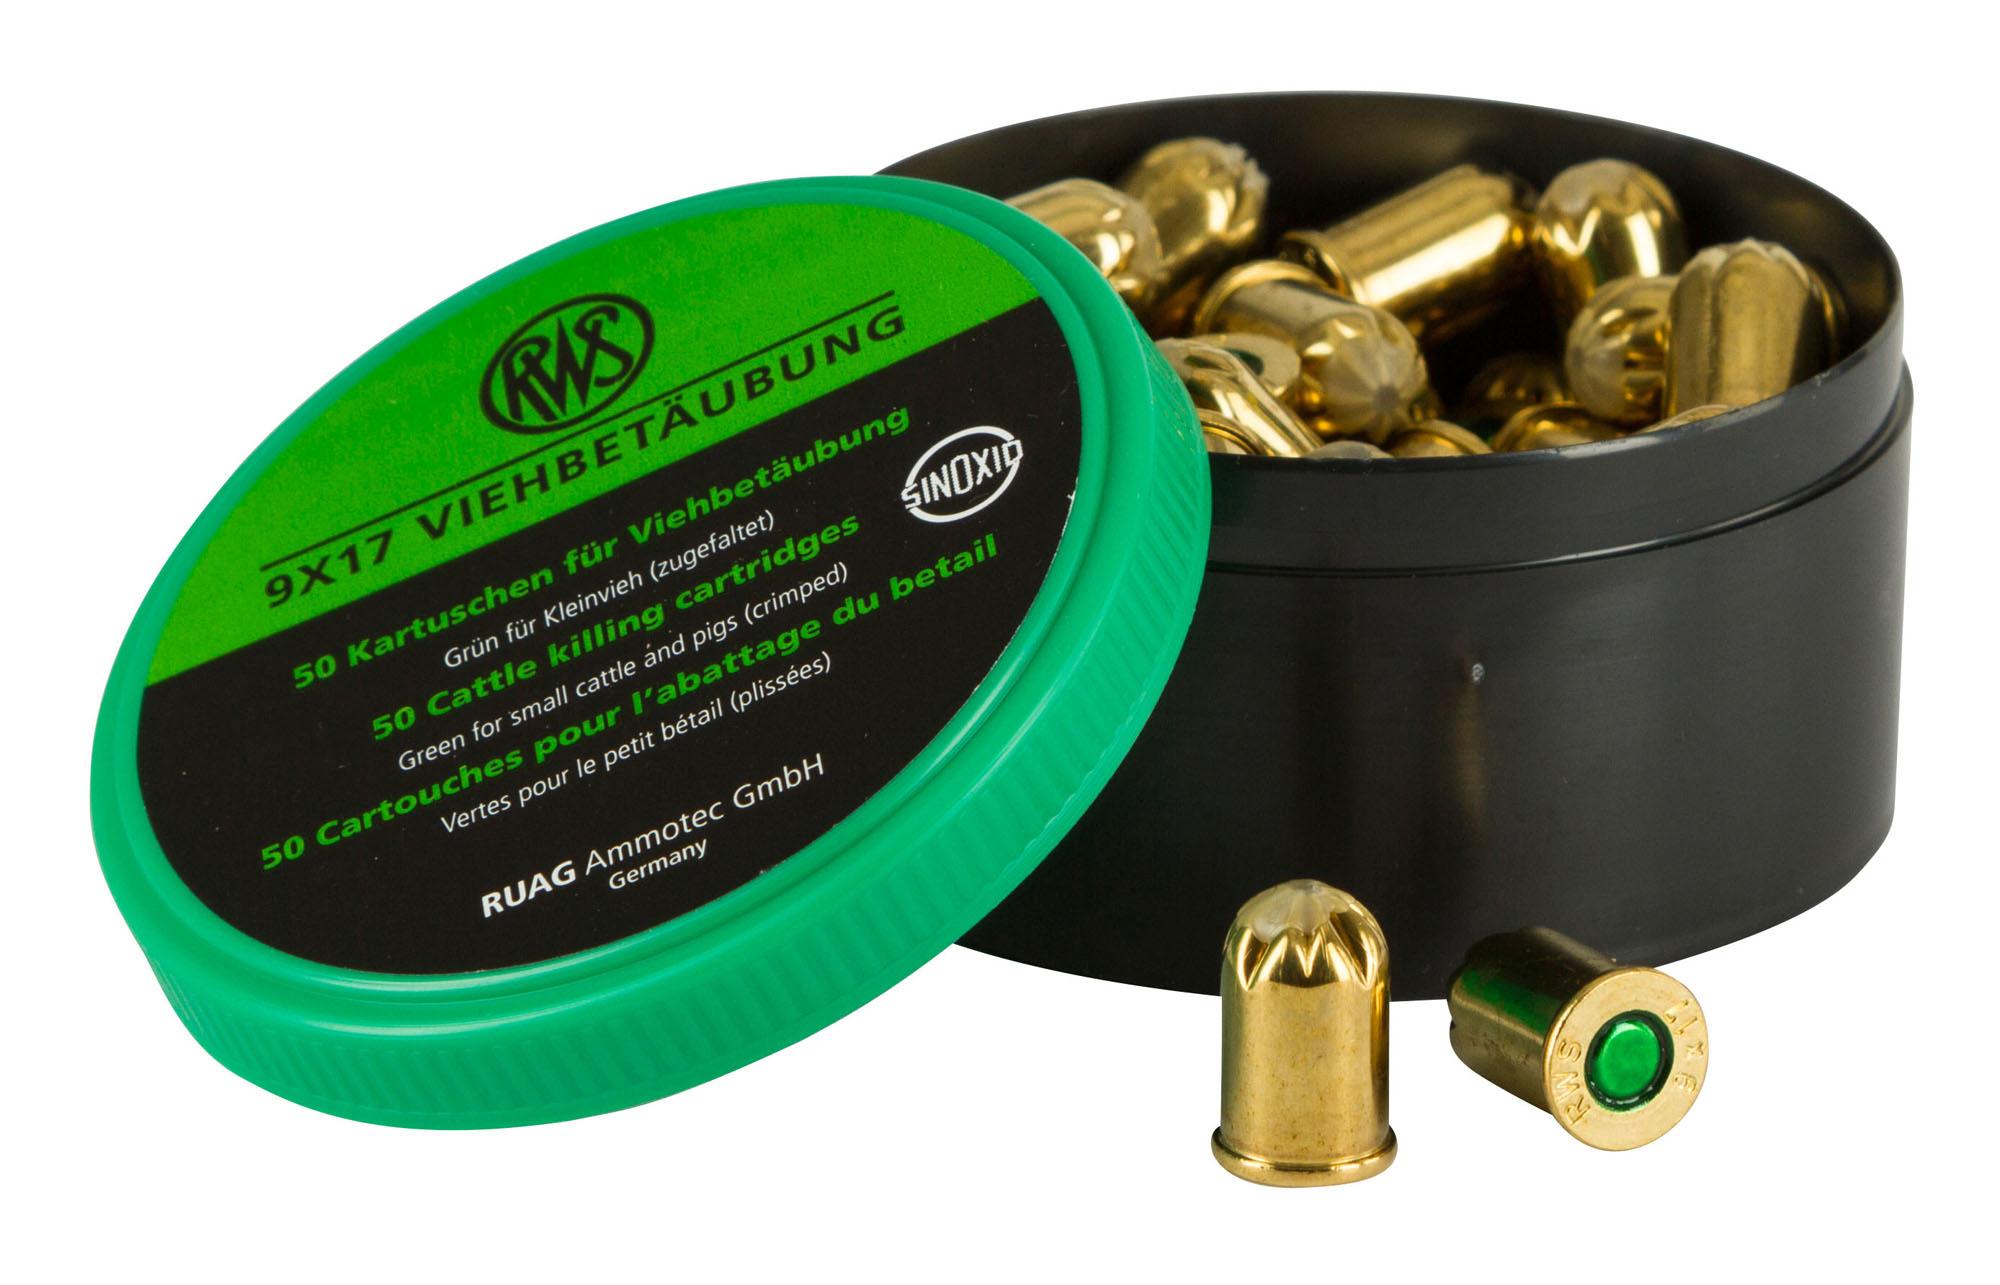 Patronen für 9mm Viehbetäubungsgerät, für Kleinvieh 23904